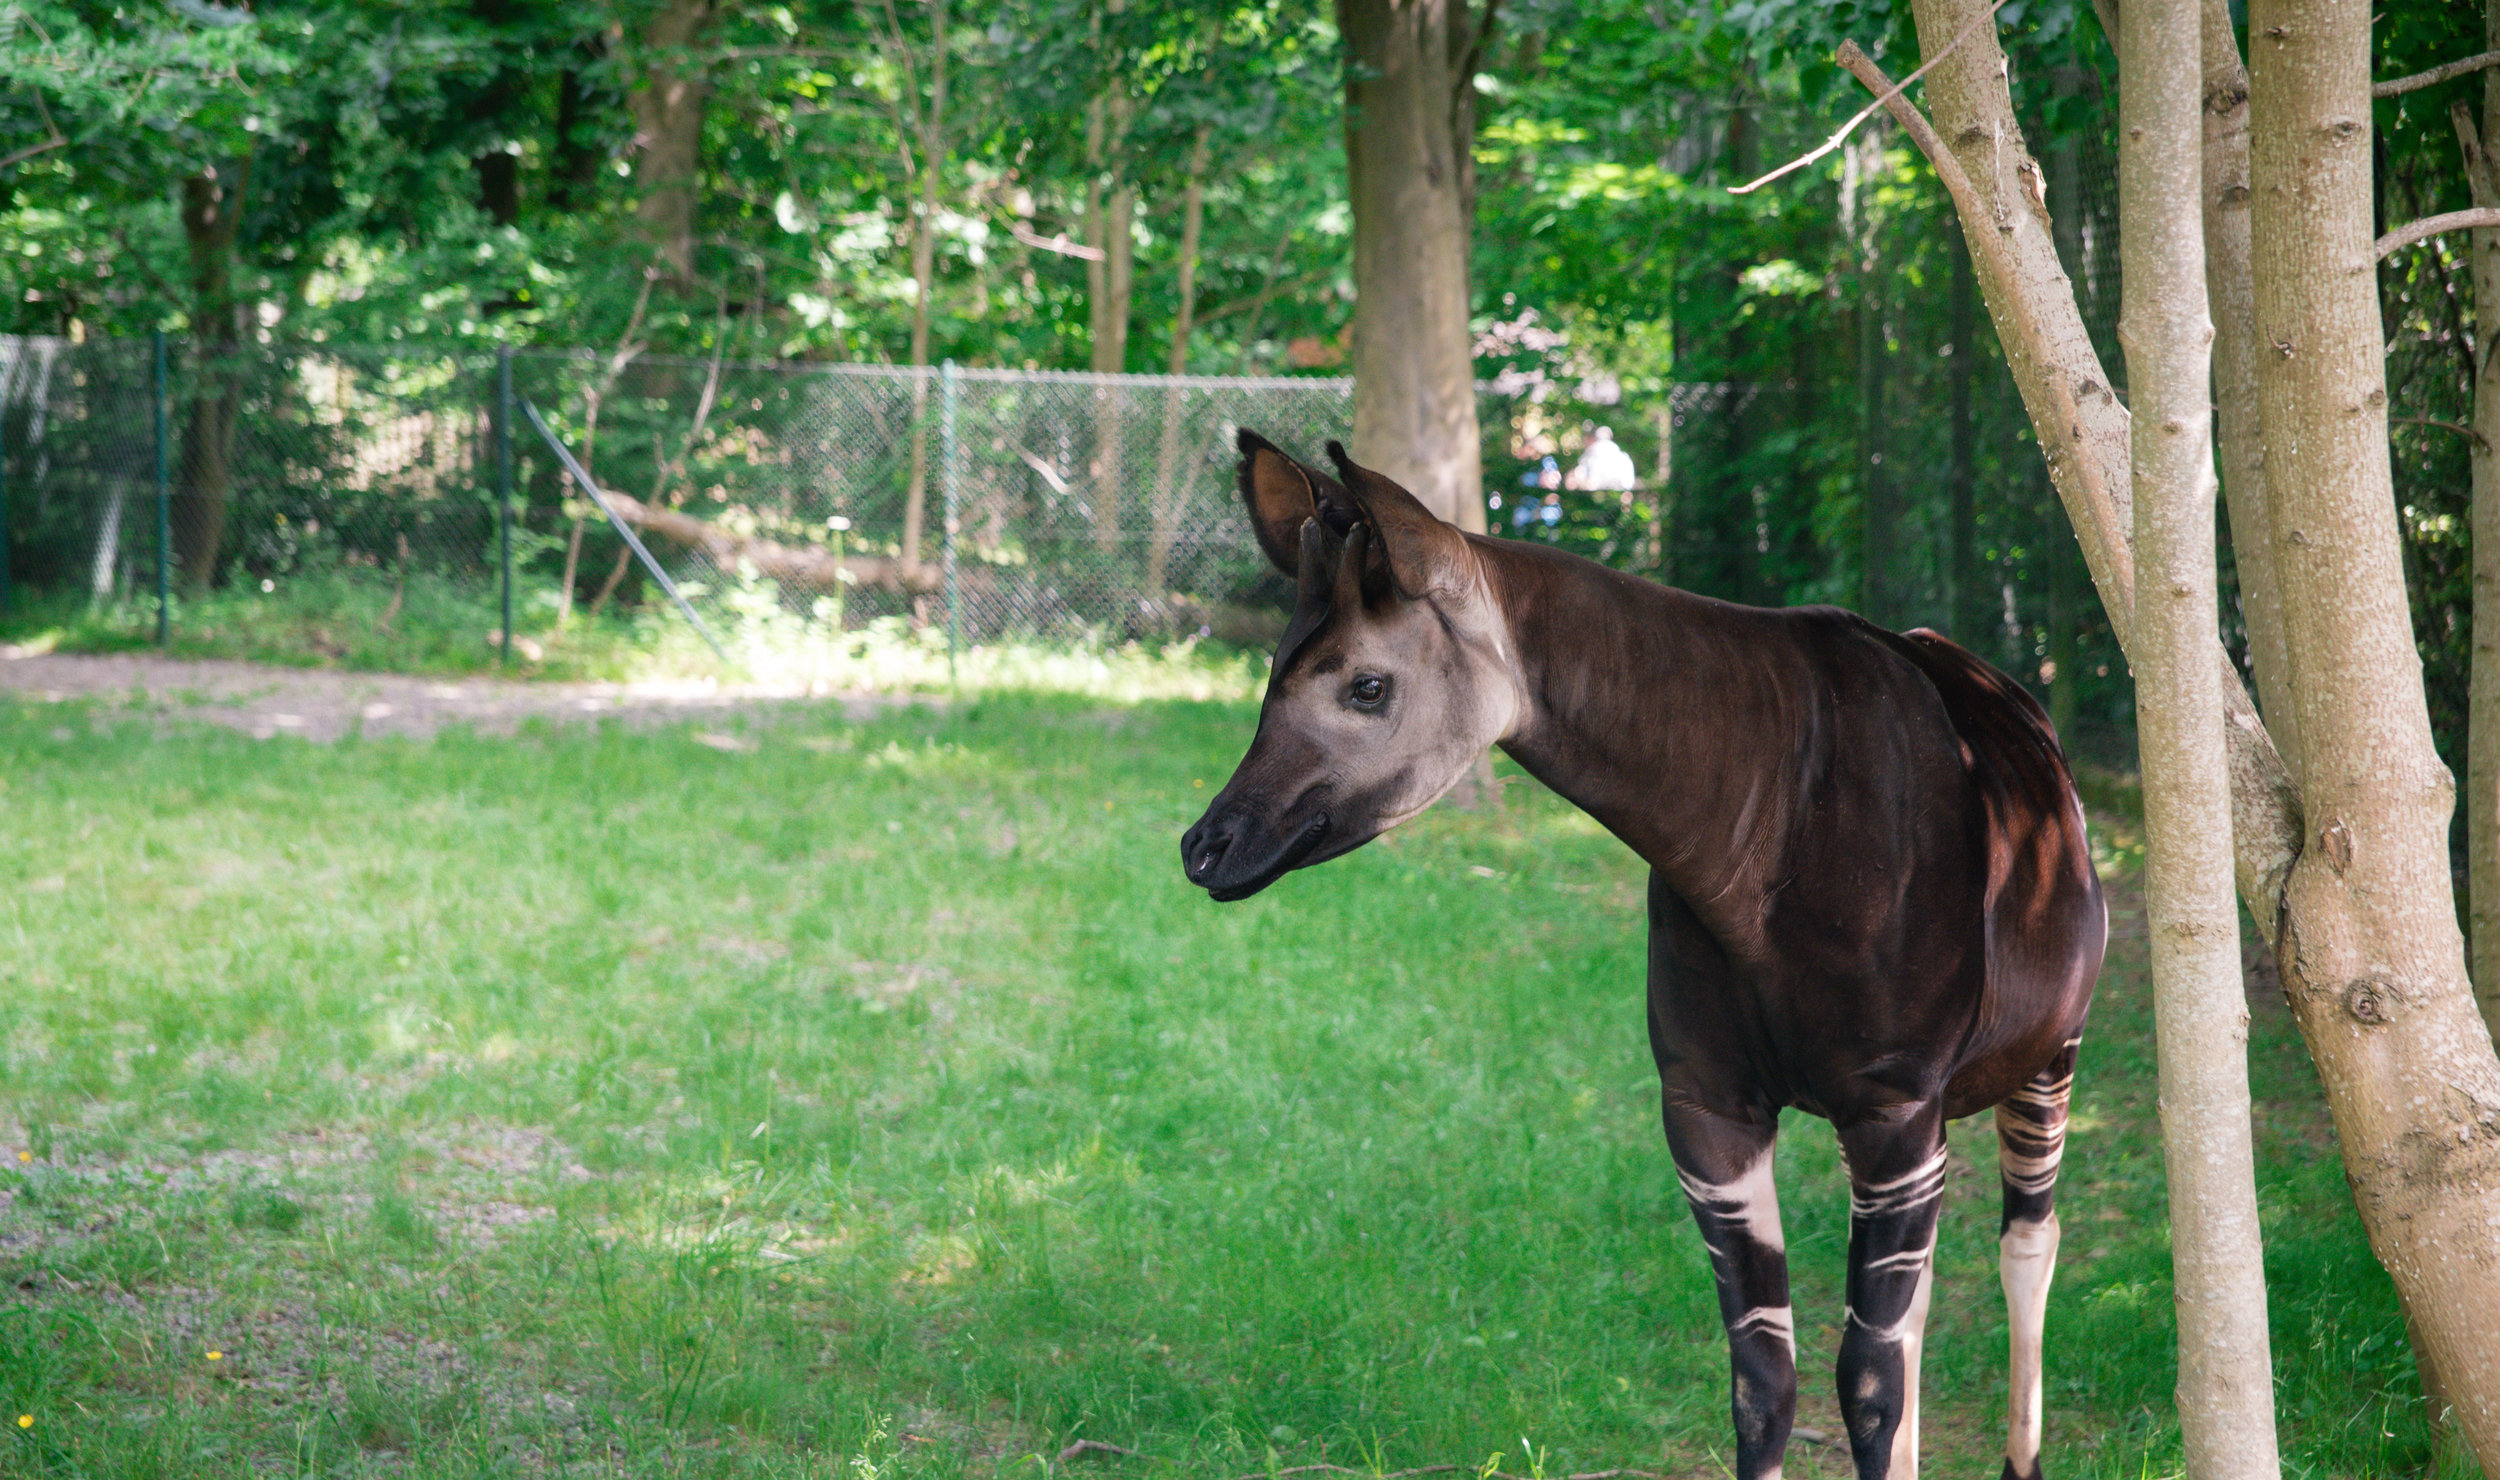 Okapi!